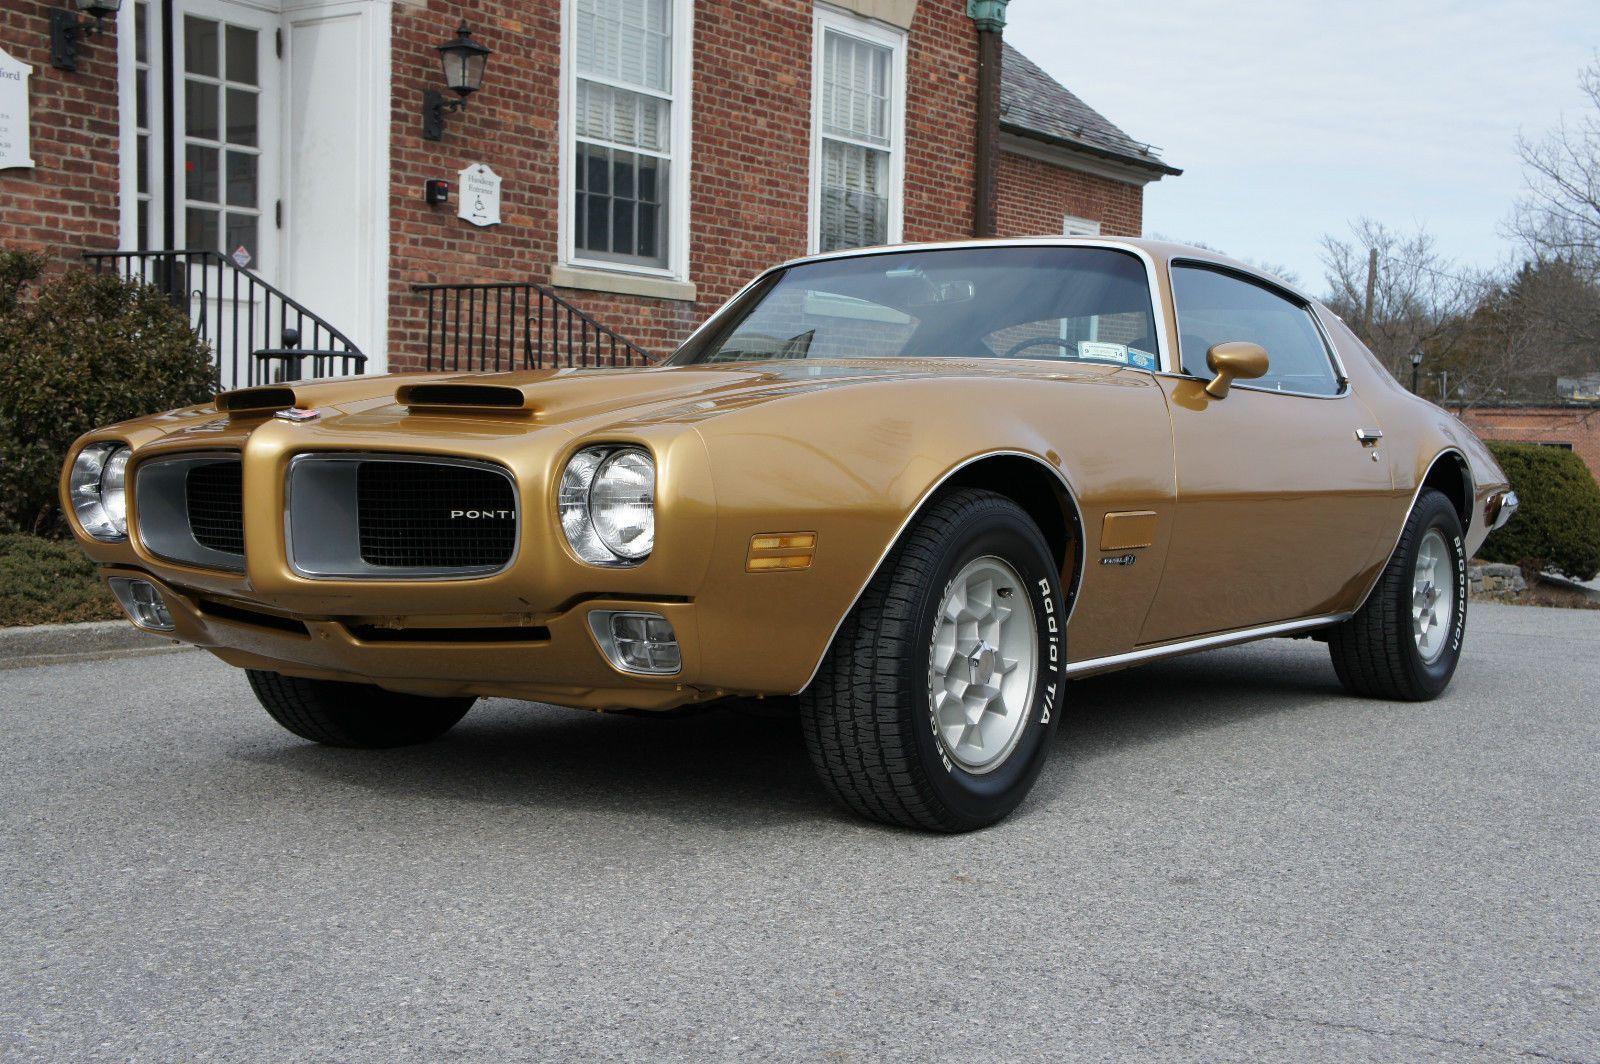 1971 pontiac firebird formula 400 pontiac firebird. Black Bedroom Furniture Sets. Home Design Ideas